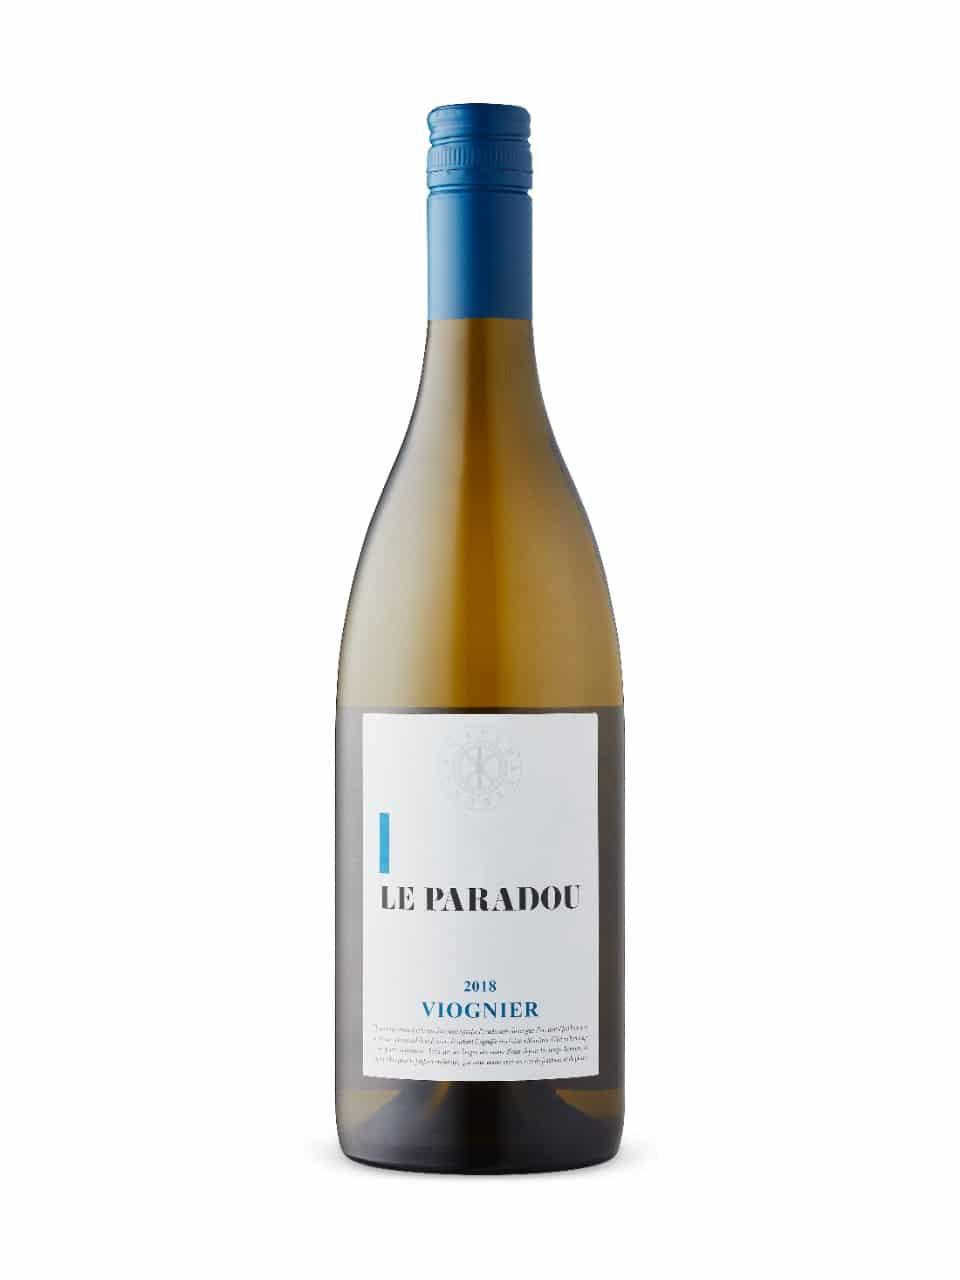 $19.00 - Chateau Pesquie Le Paradou Viognier 2018